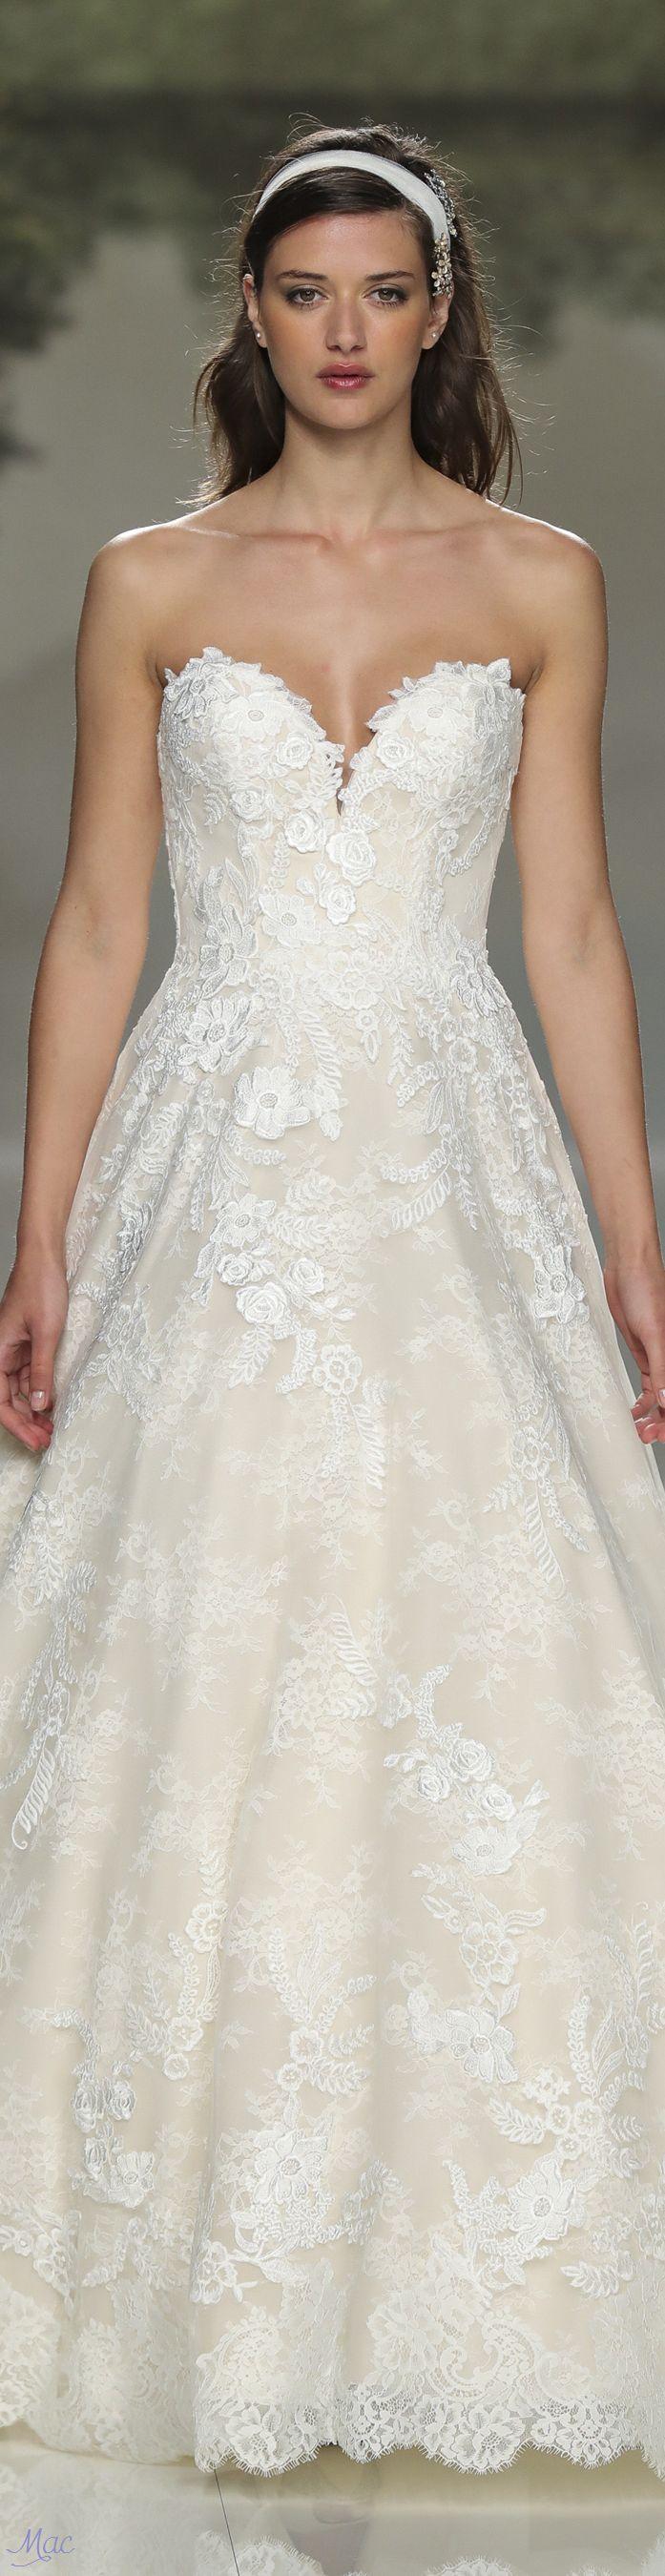 86 besten St Patrick Bilder auf Pinterest | Hochzeitskleider ...